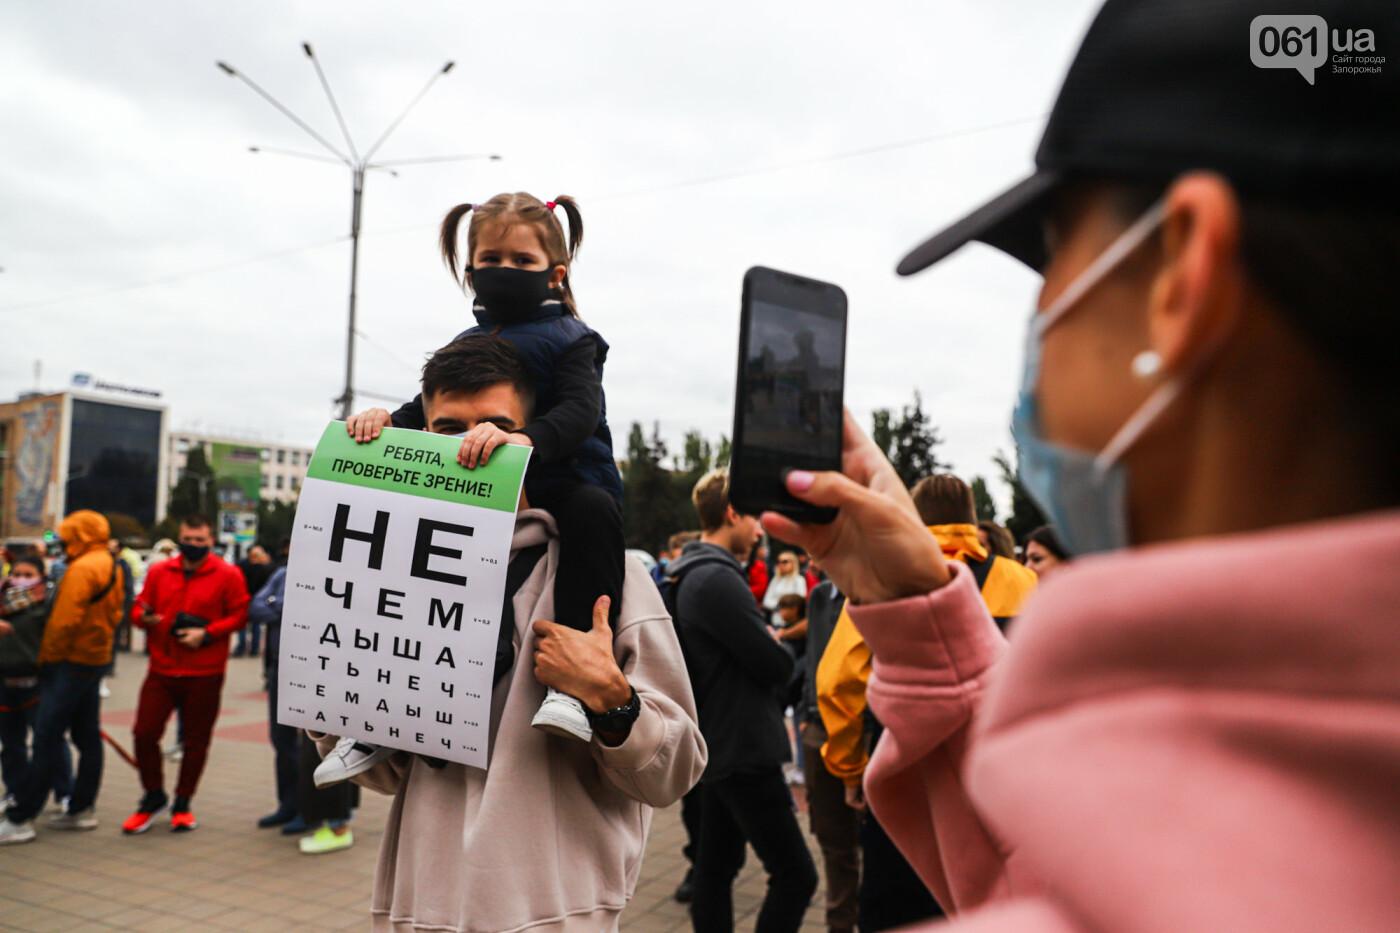 ЛГБТ-прайд, эко-митинг и восстановленные скульптуры в сквере Пионеров: сентябрь в фотографиях , фото-58